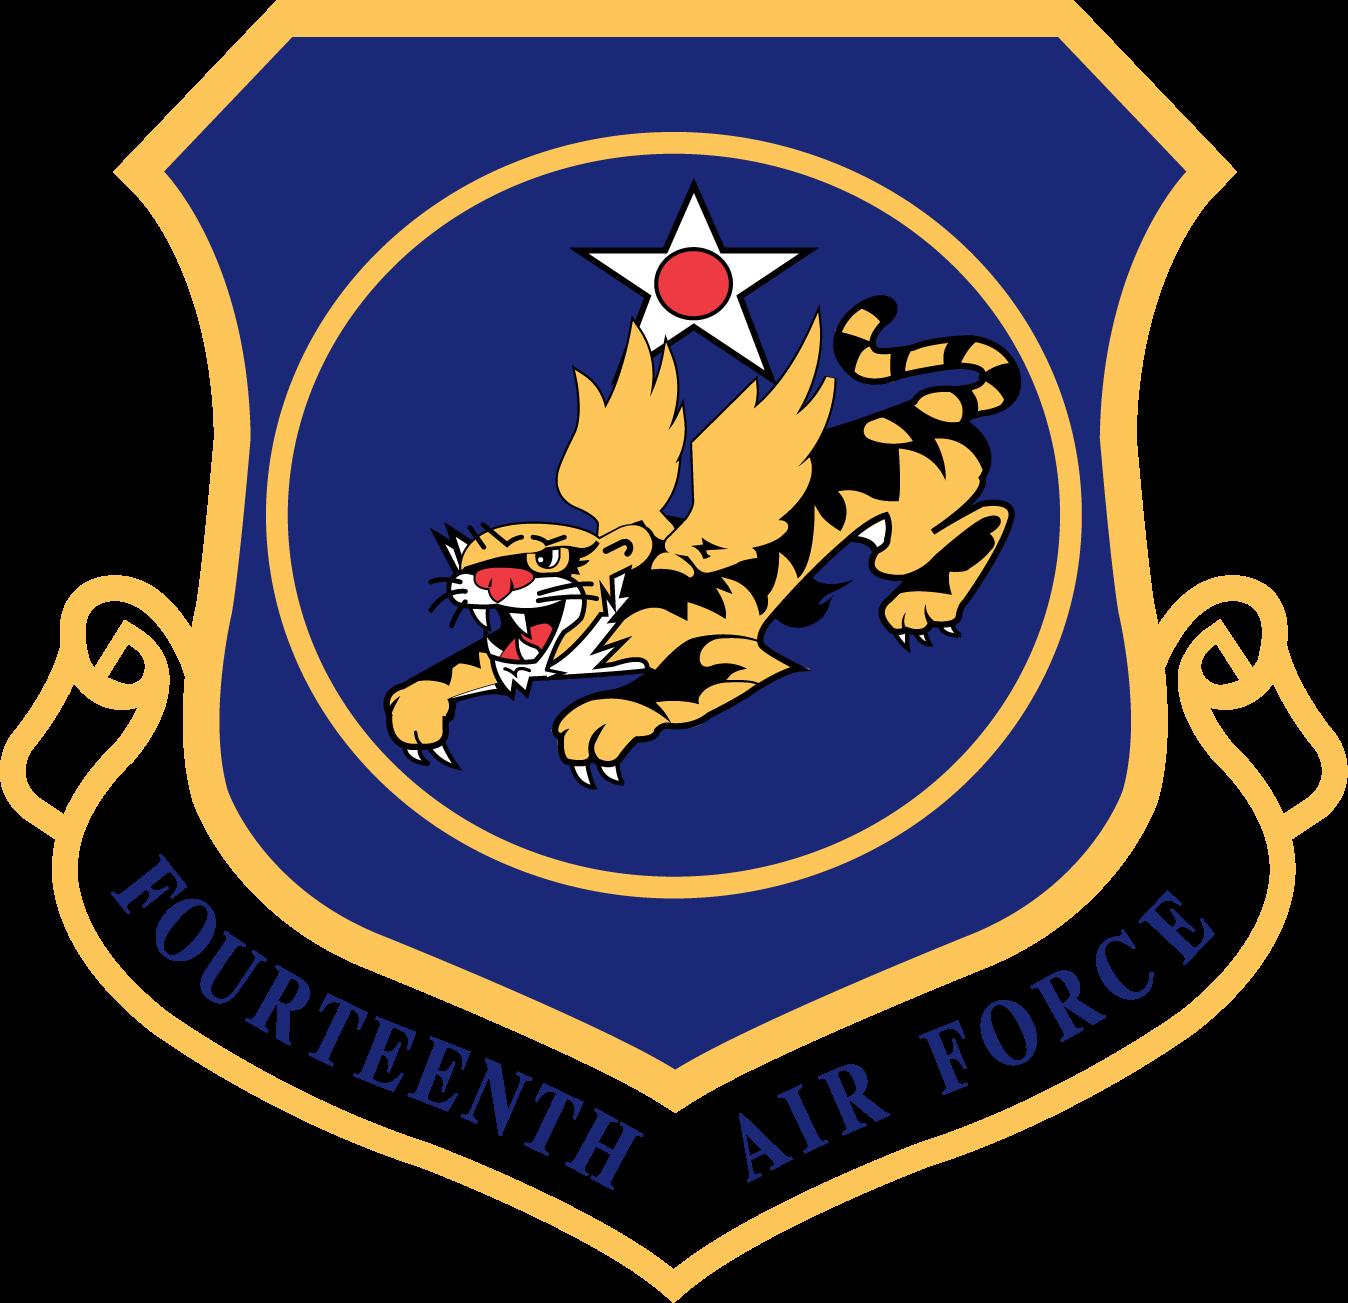 833rd aero squadron - 14th Air Force